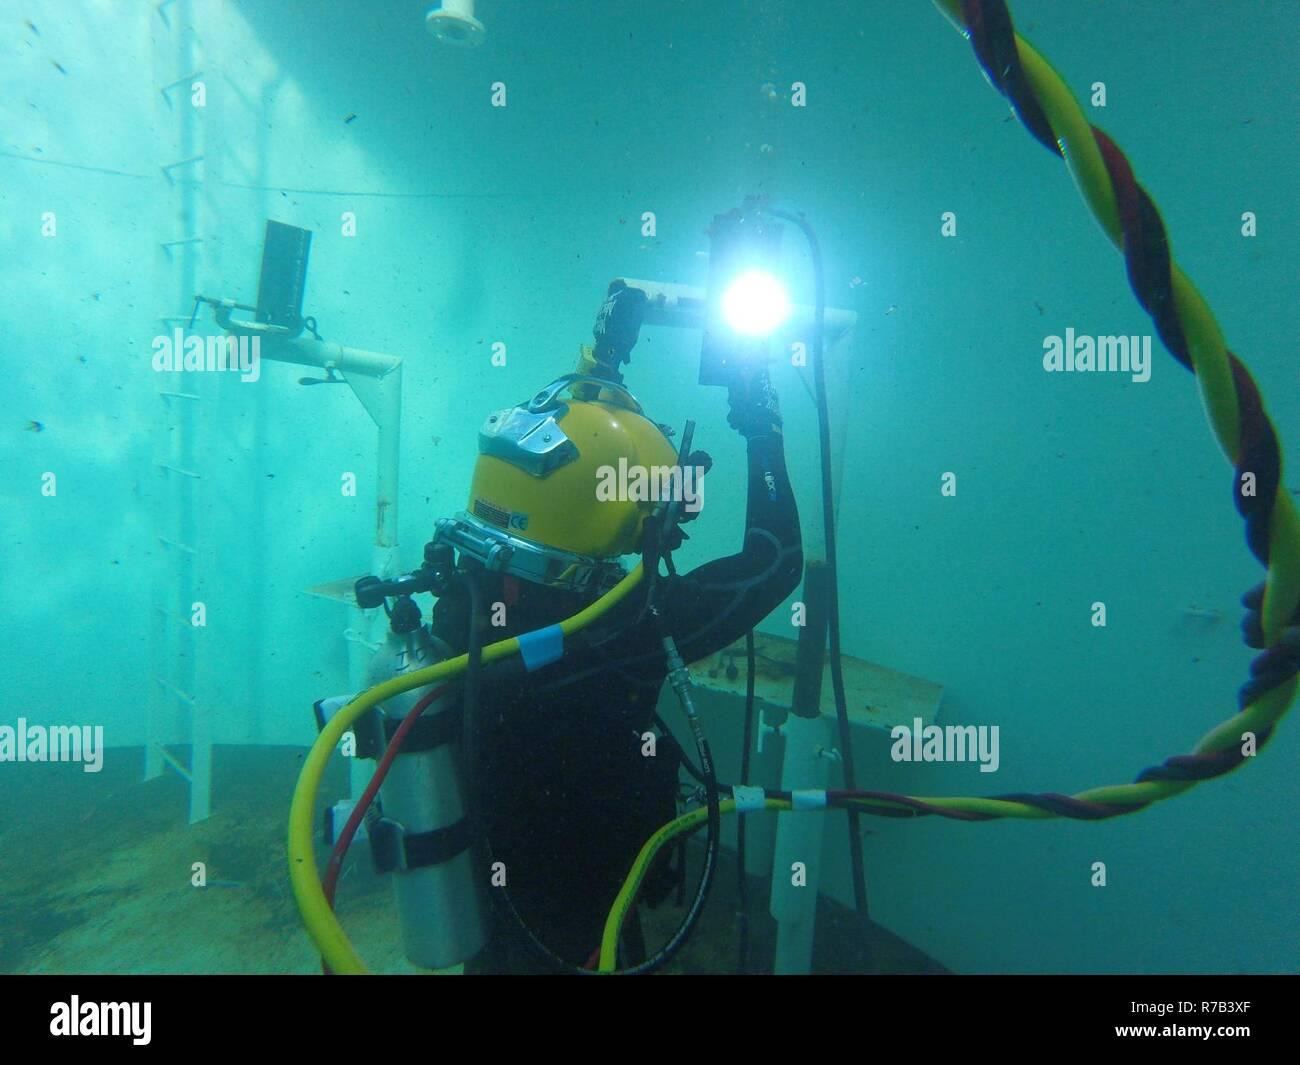 Underwater Welding Stock Photos & Underwater Welding Stock